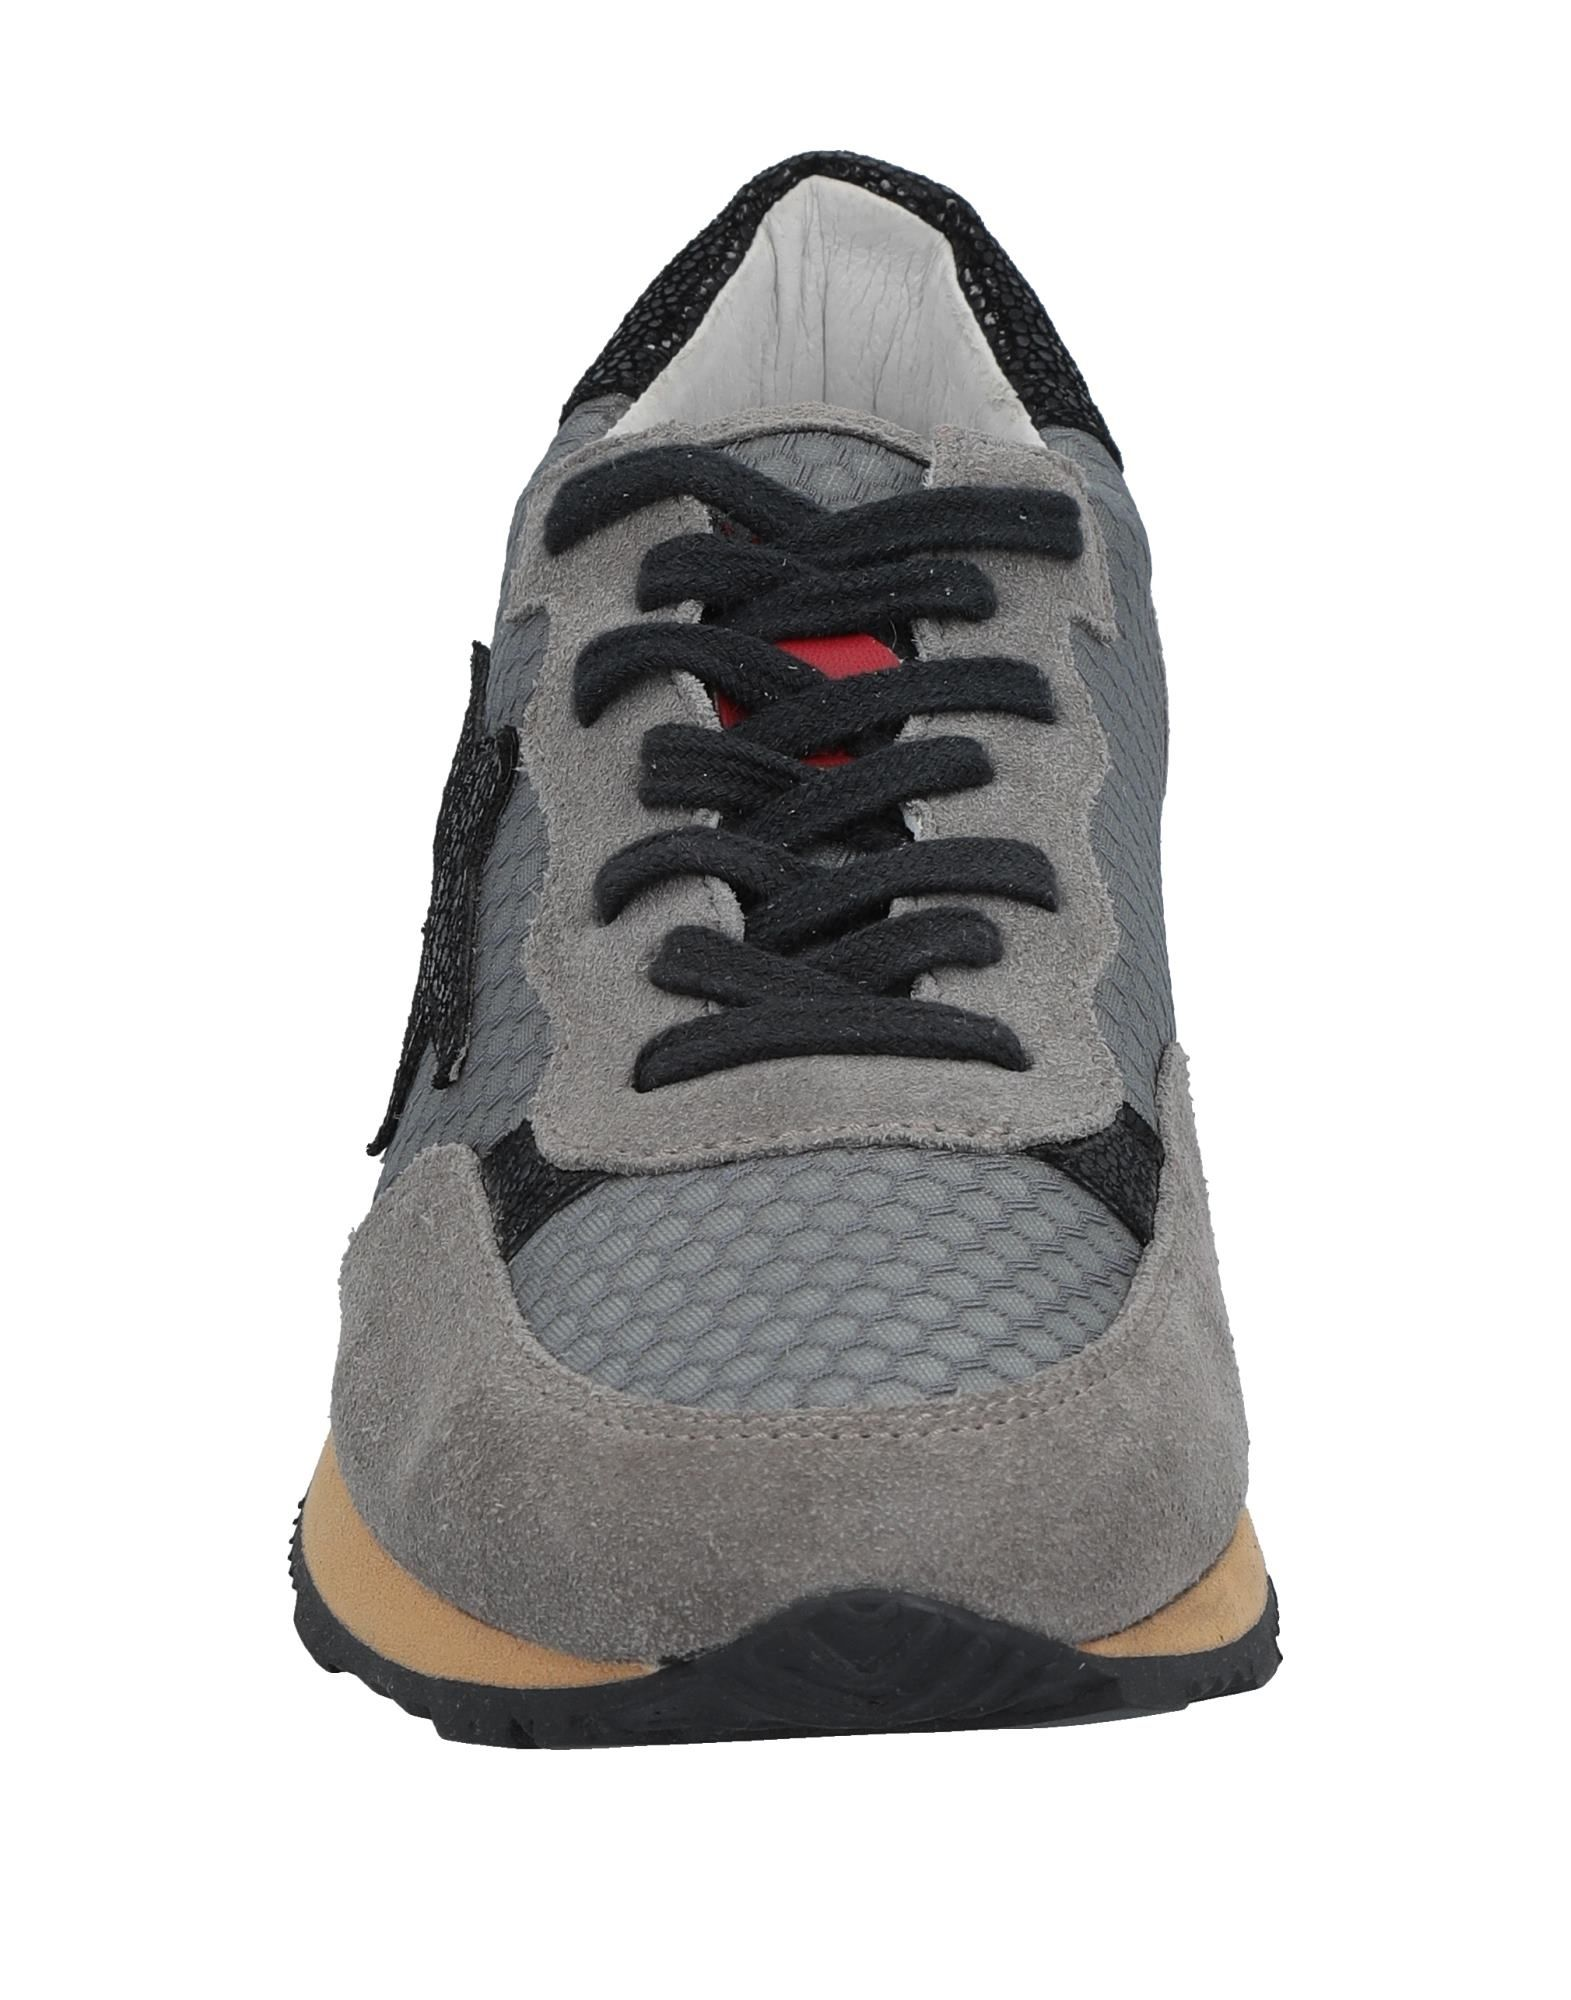 Ishikawa Qualität Turnschuhes Damen 11523634HQ Gute Qualität Ishikawa beliebte Schuhe f7582c